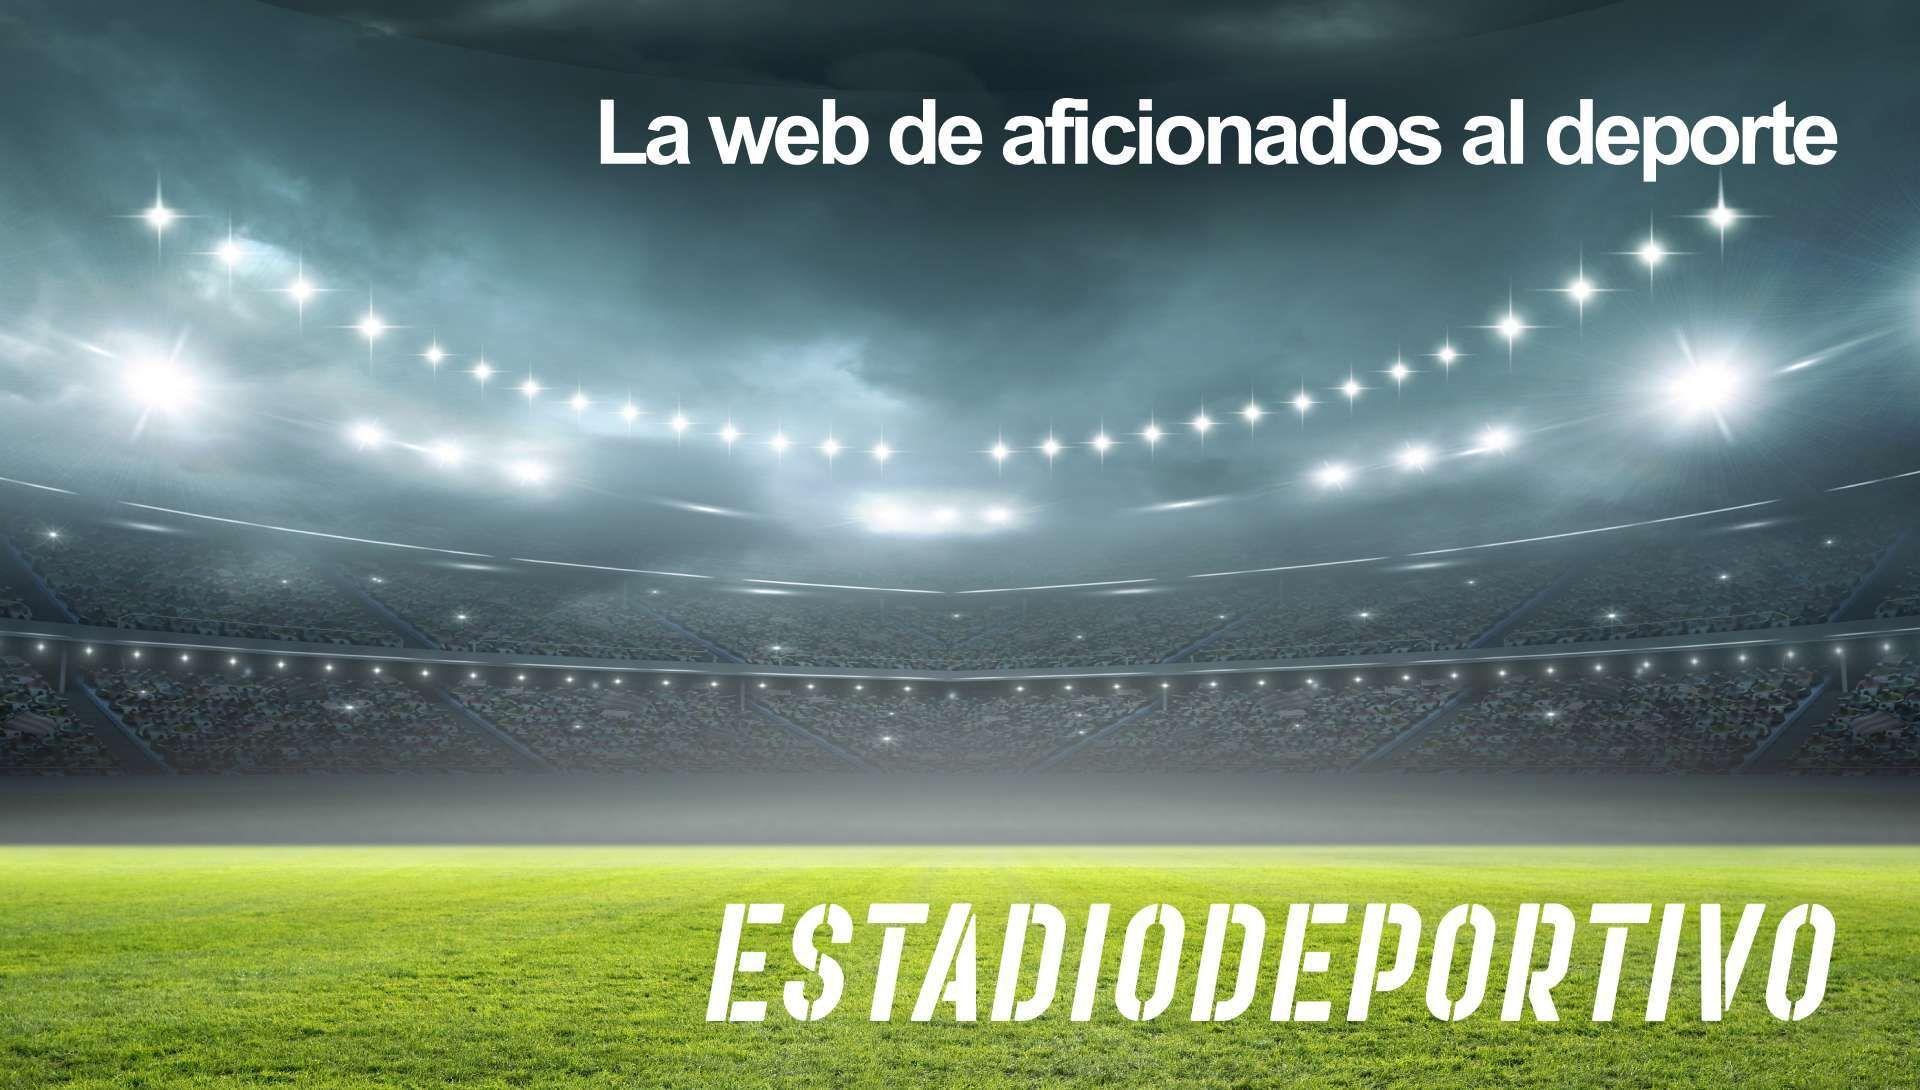 Las portadas del domingo 28 de marzo